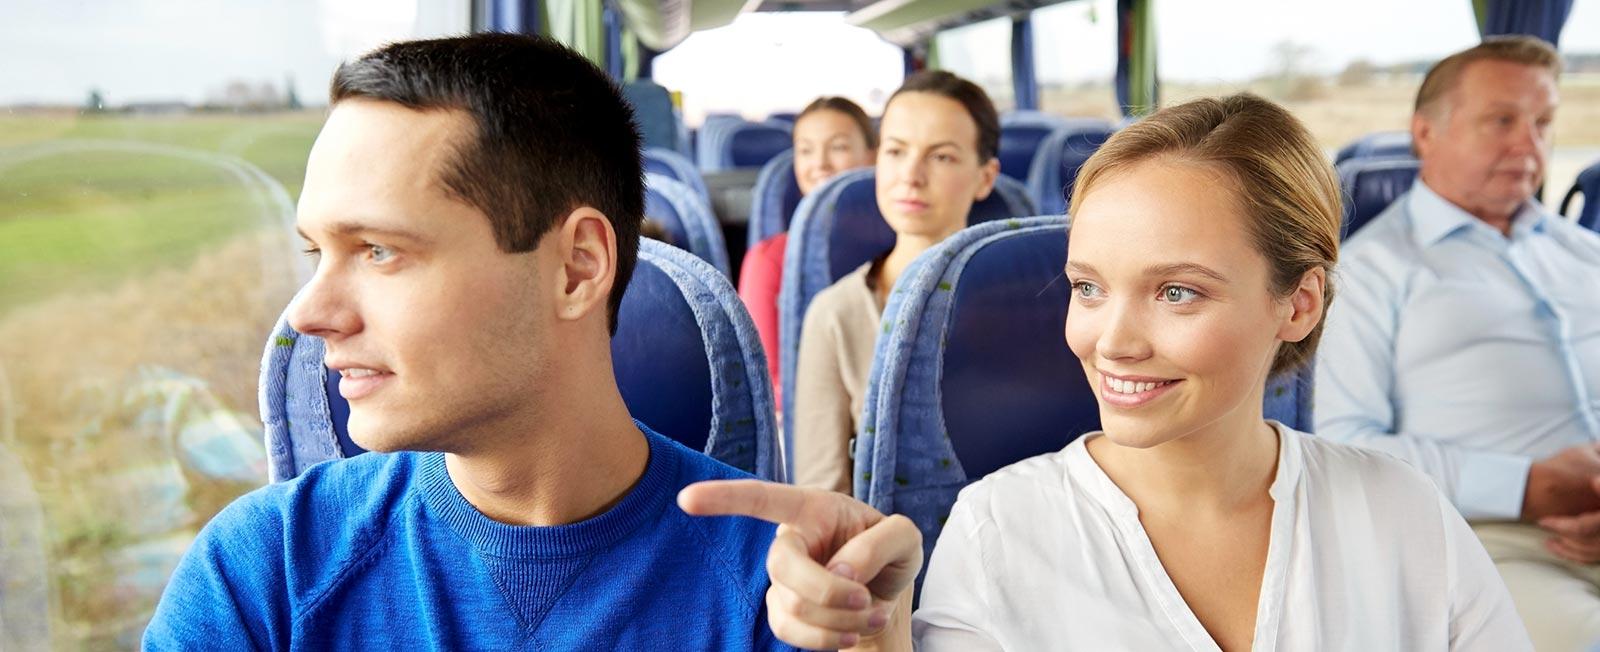 Coach and Minibus Travel Birmingham